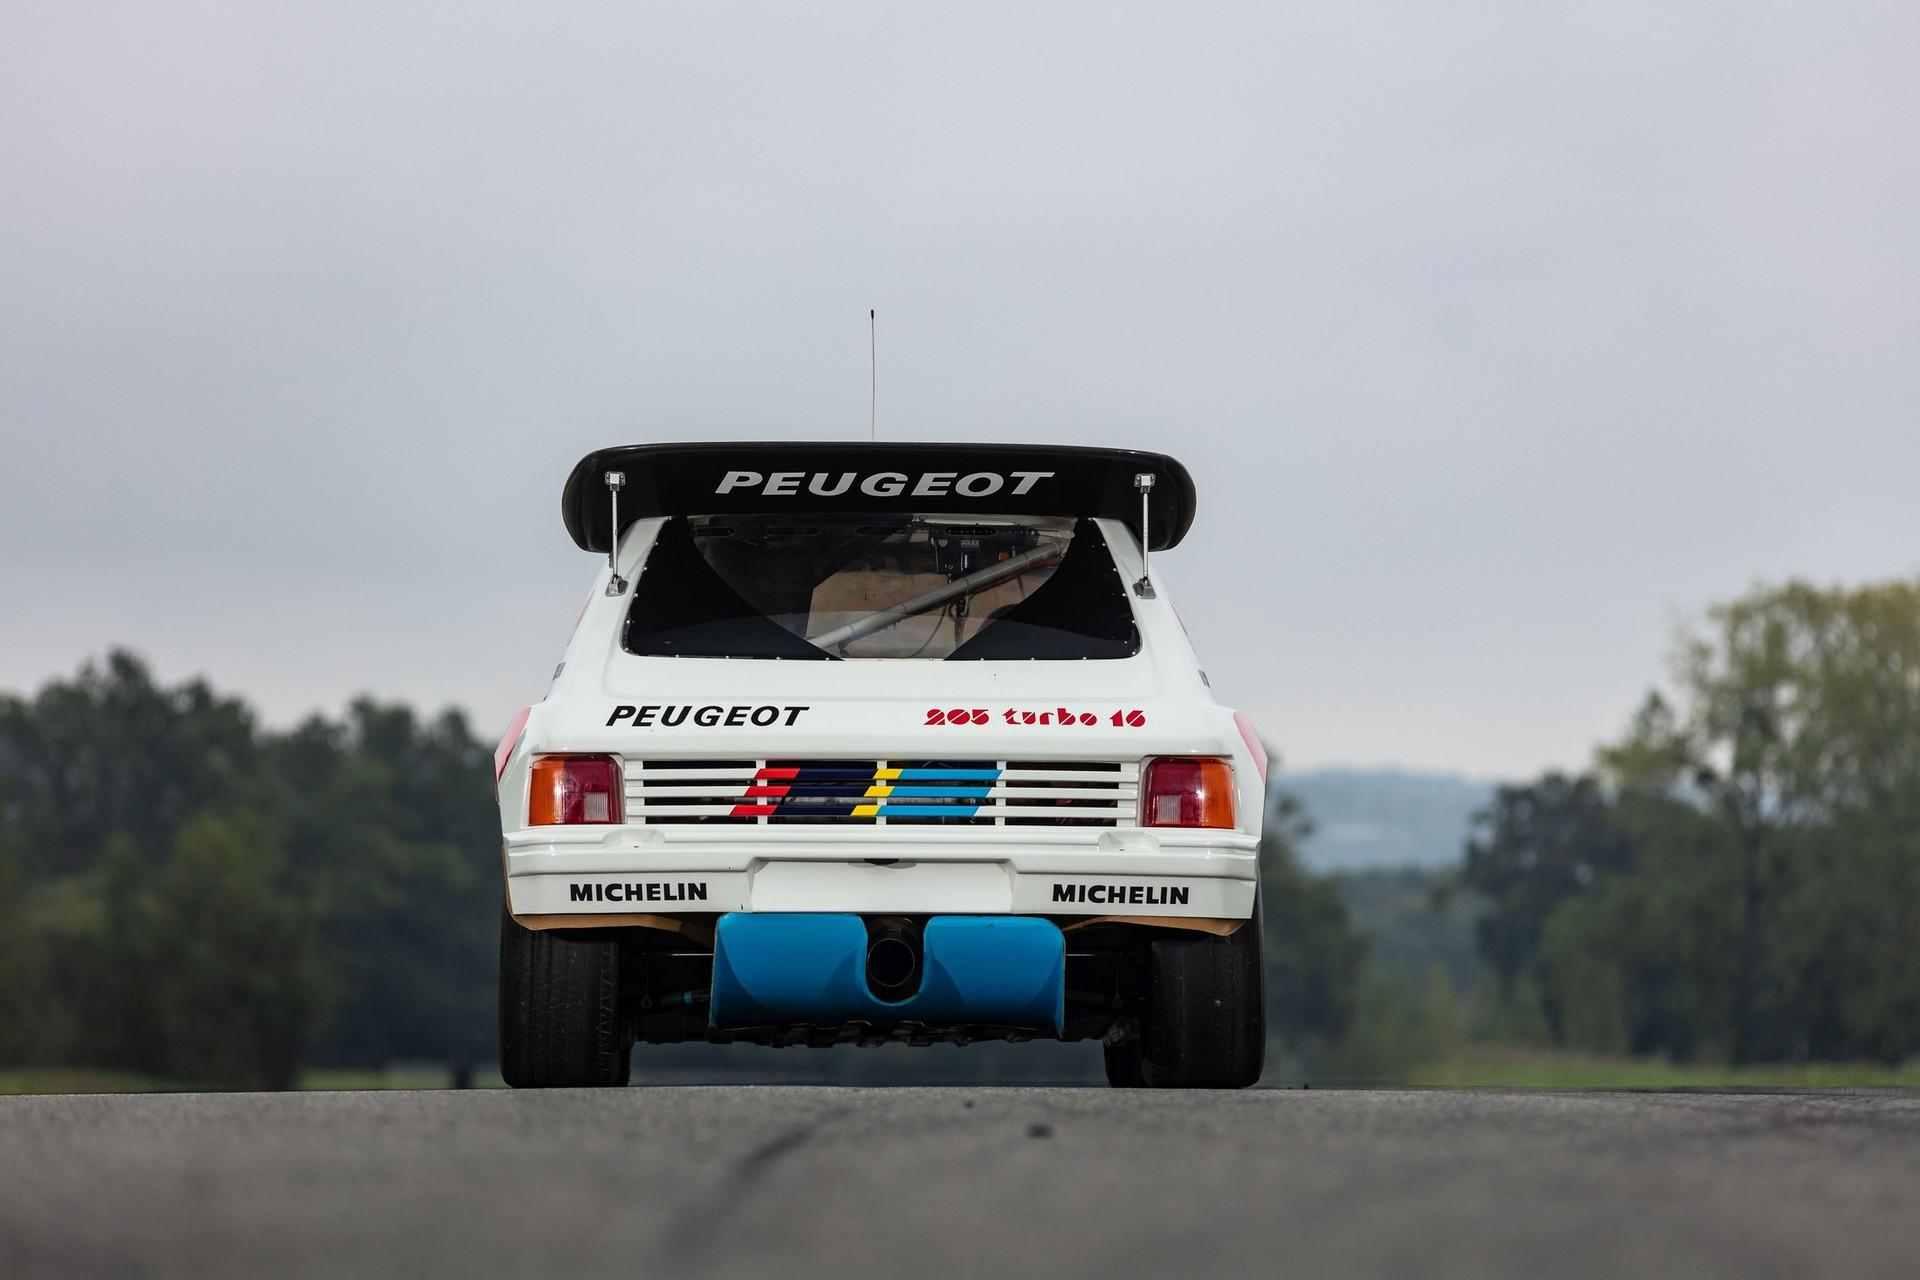 1985_Peugeot_205_Turbo_16_Evolution_2_sale-0012